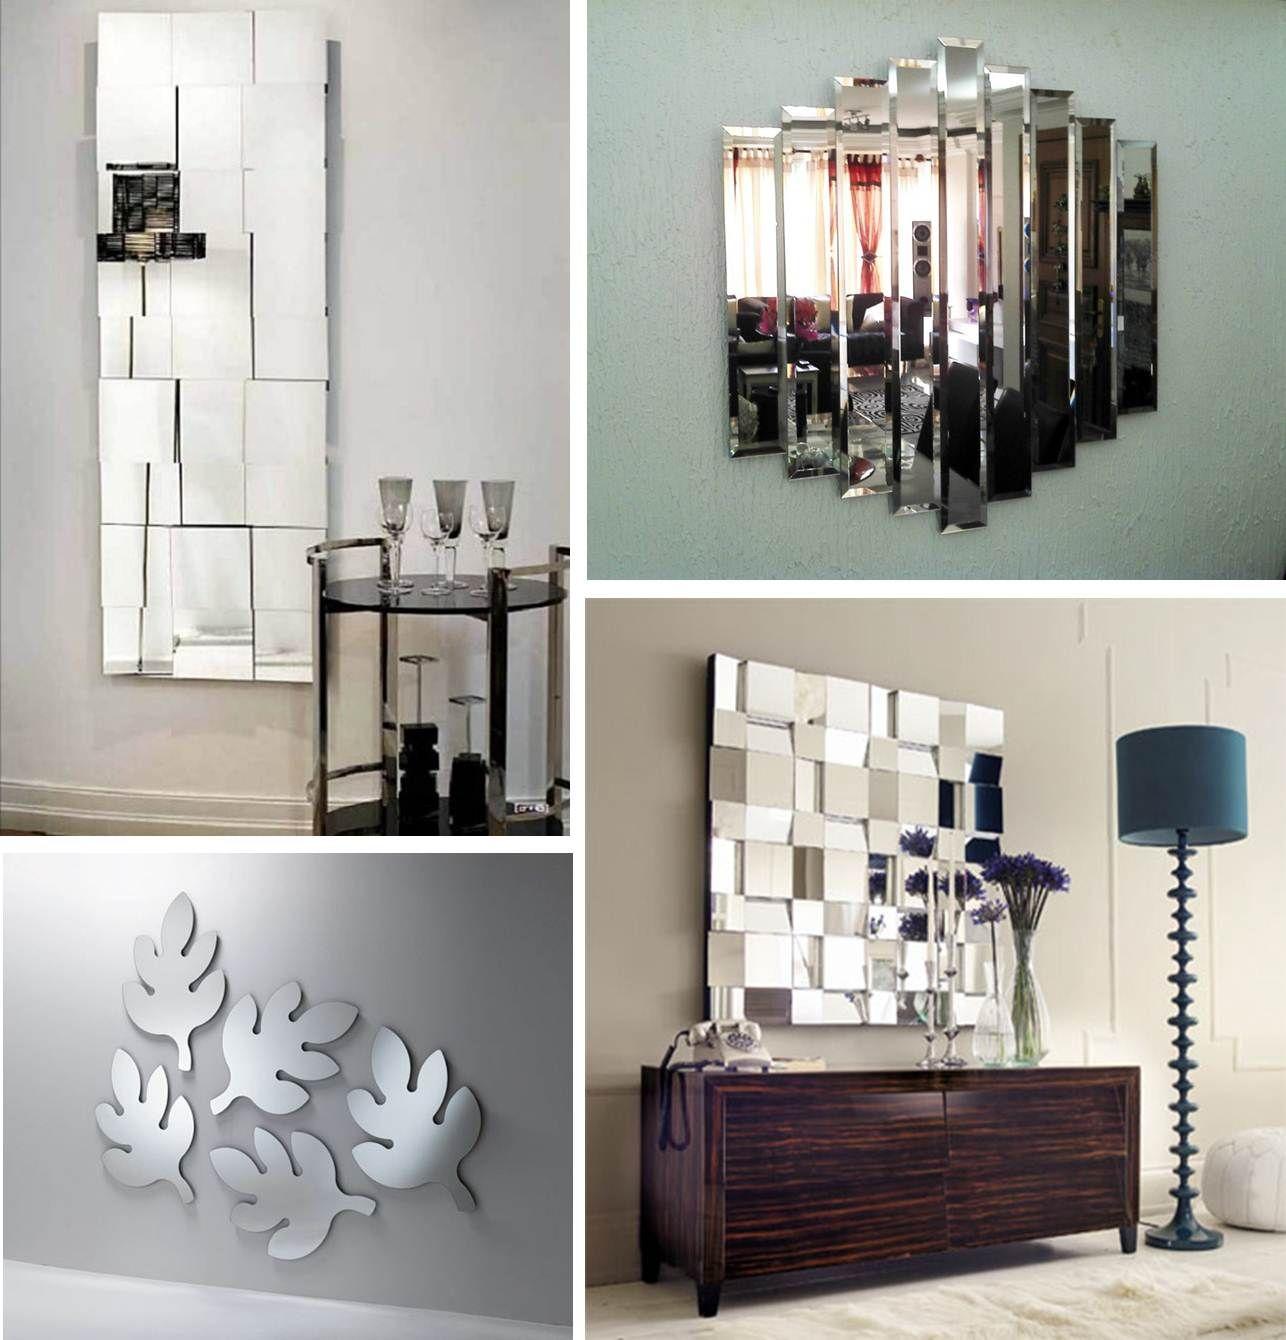 69e1c4248 Os espelhos são peças decorativas elegantes e sofisticadas. Inspire-se  nessas ideias!